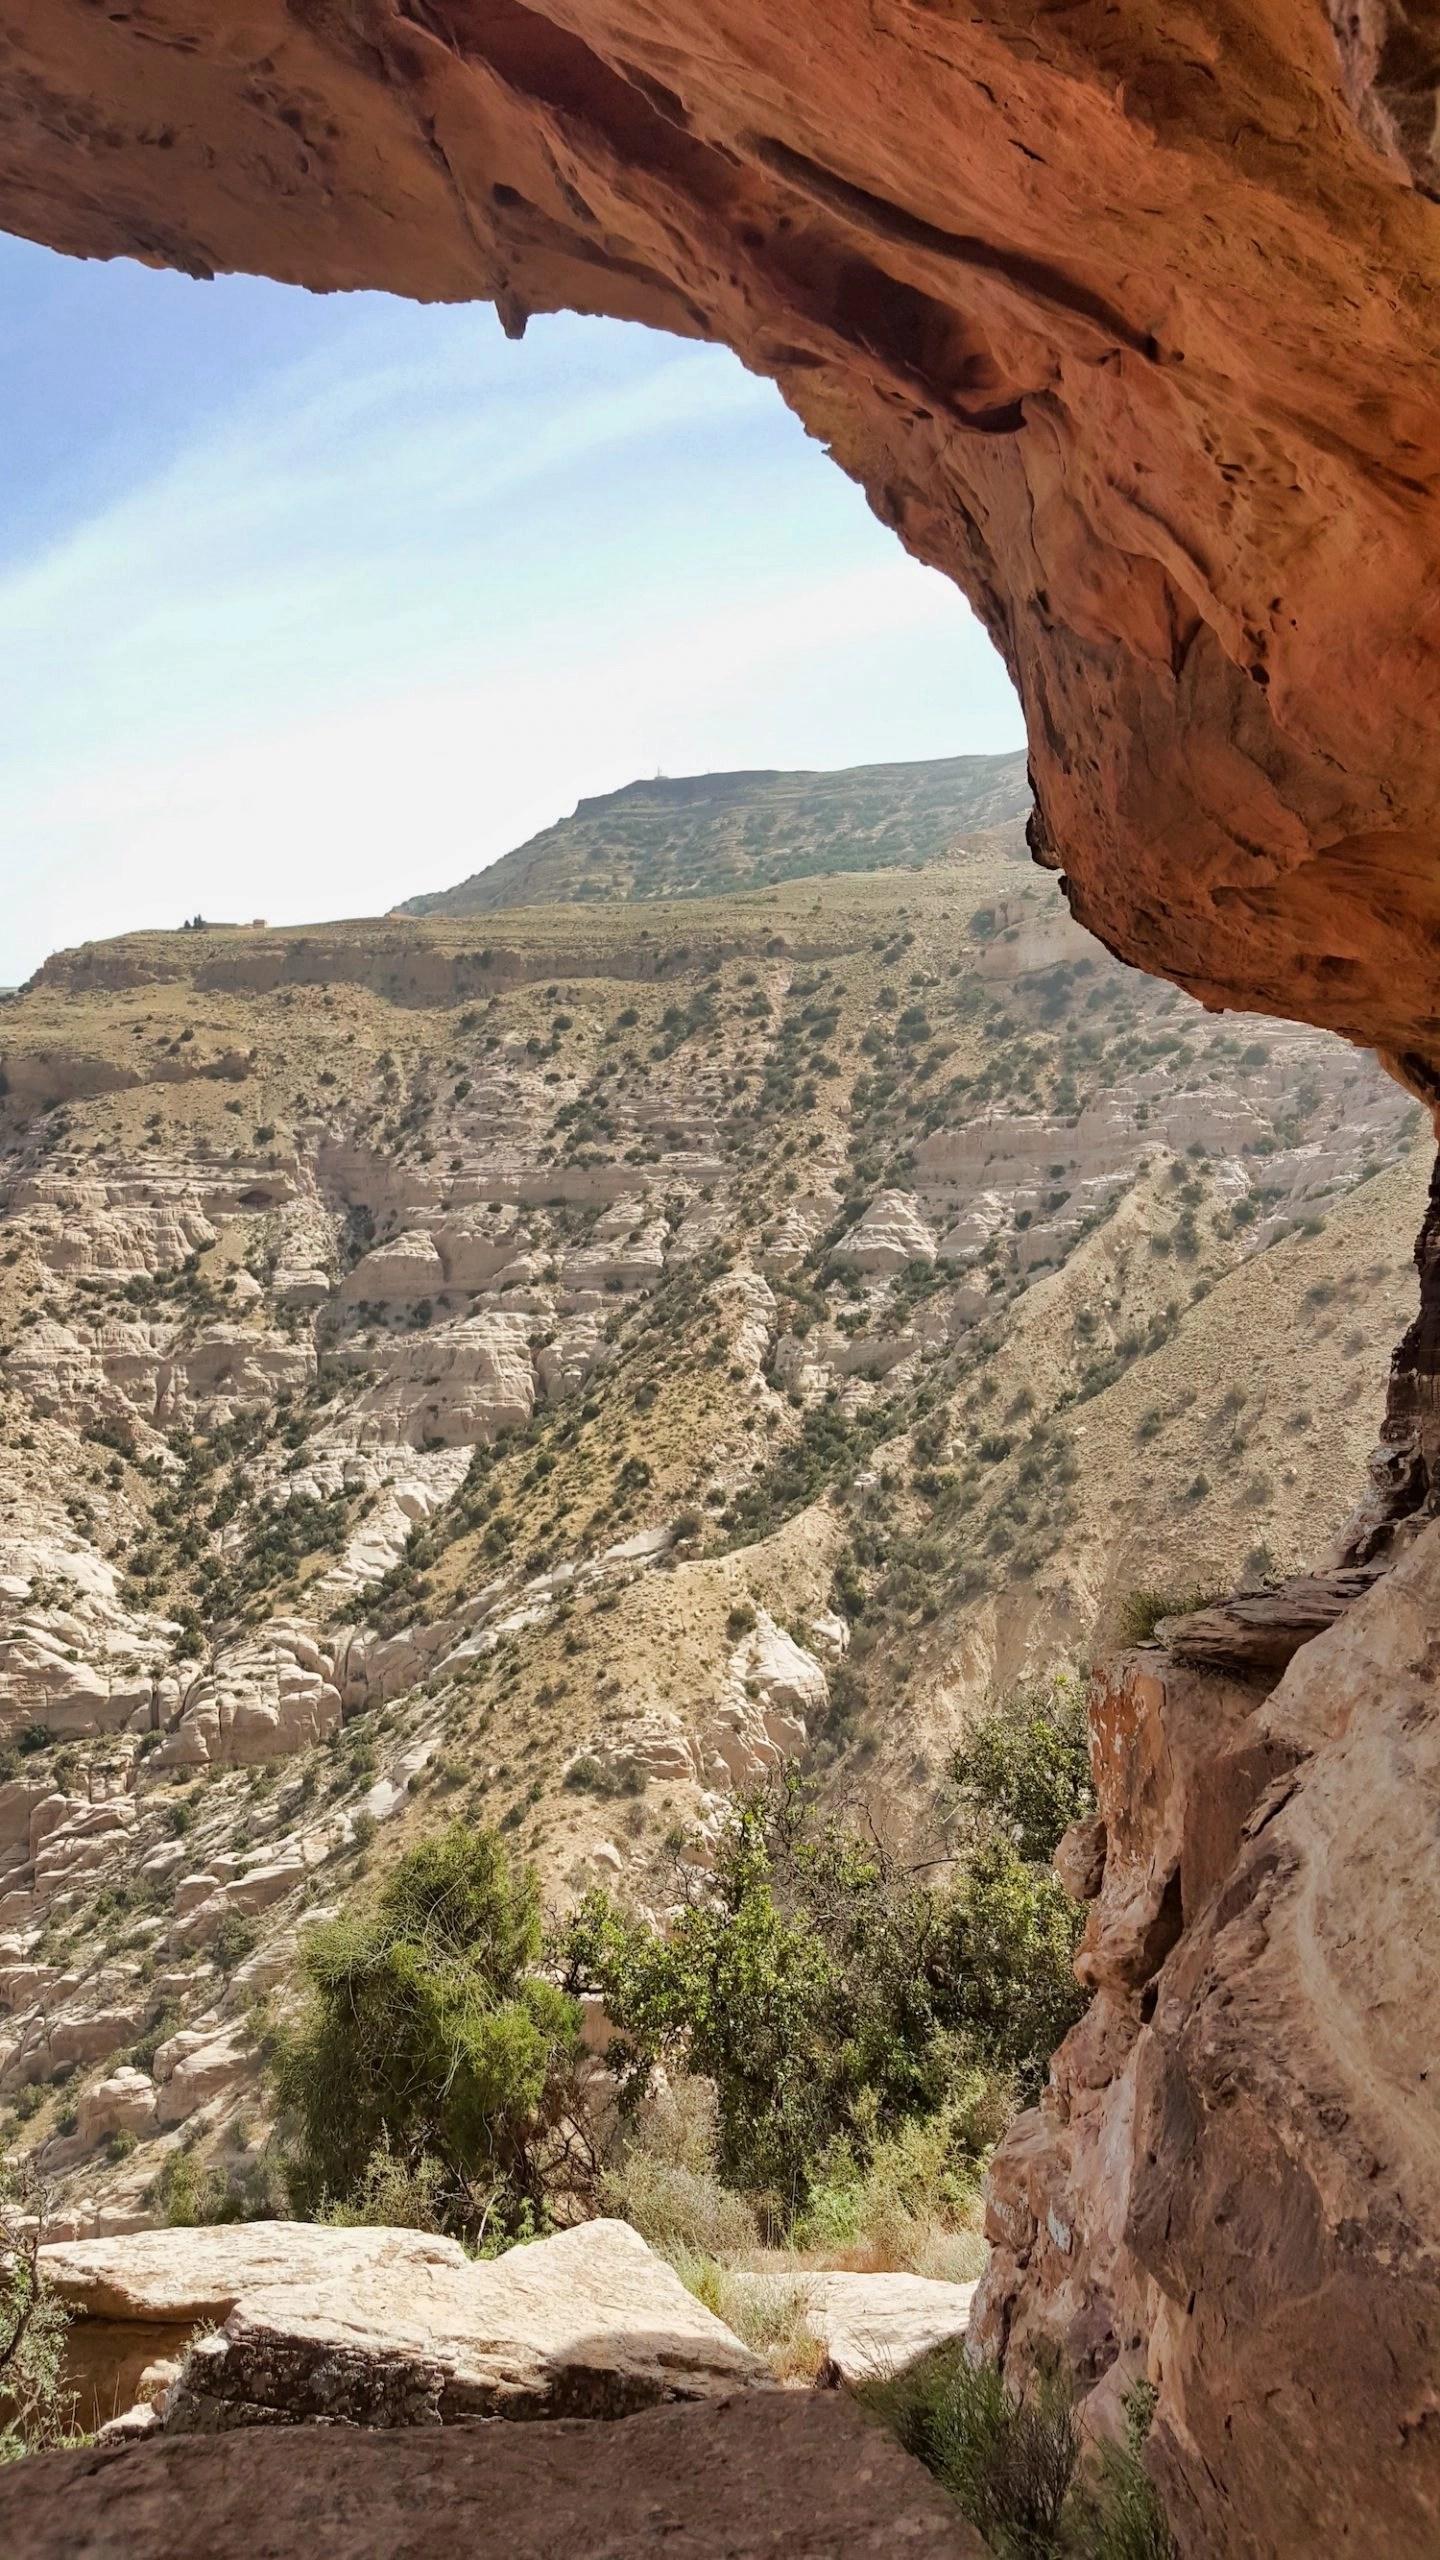 10 Days in Jordan - Hiking in Dana